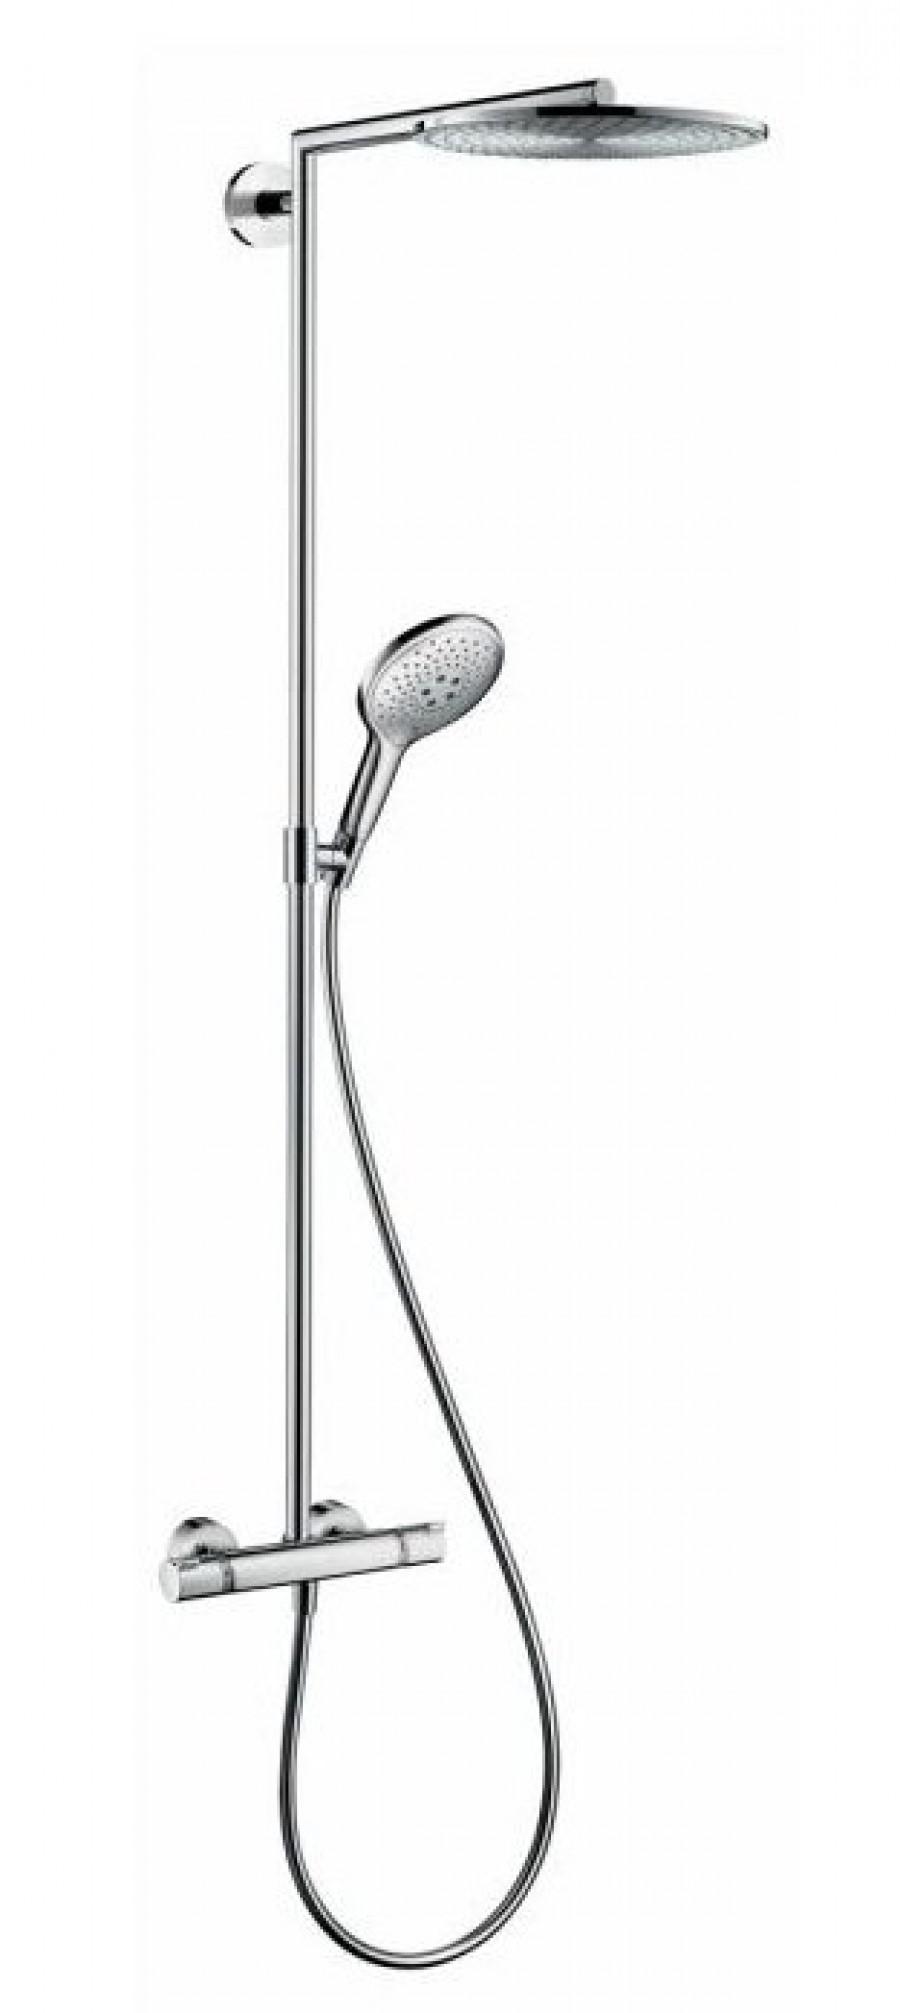 Colonne de douche thermotatique Showerpipe Raindance Select 300 AIR 27114000